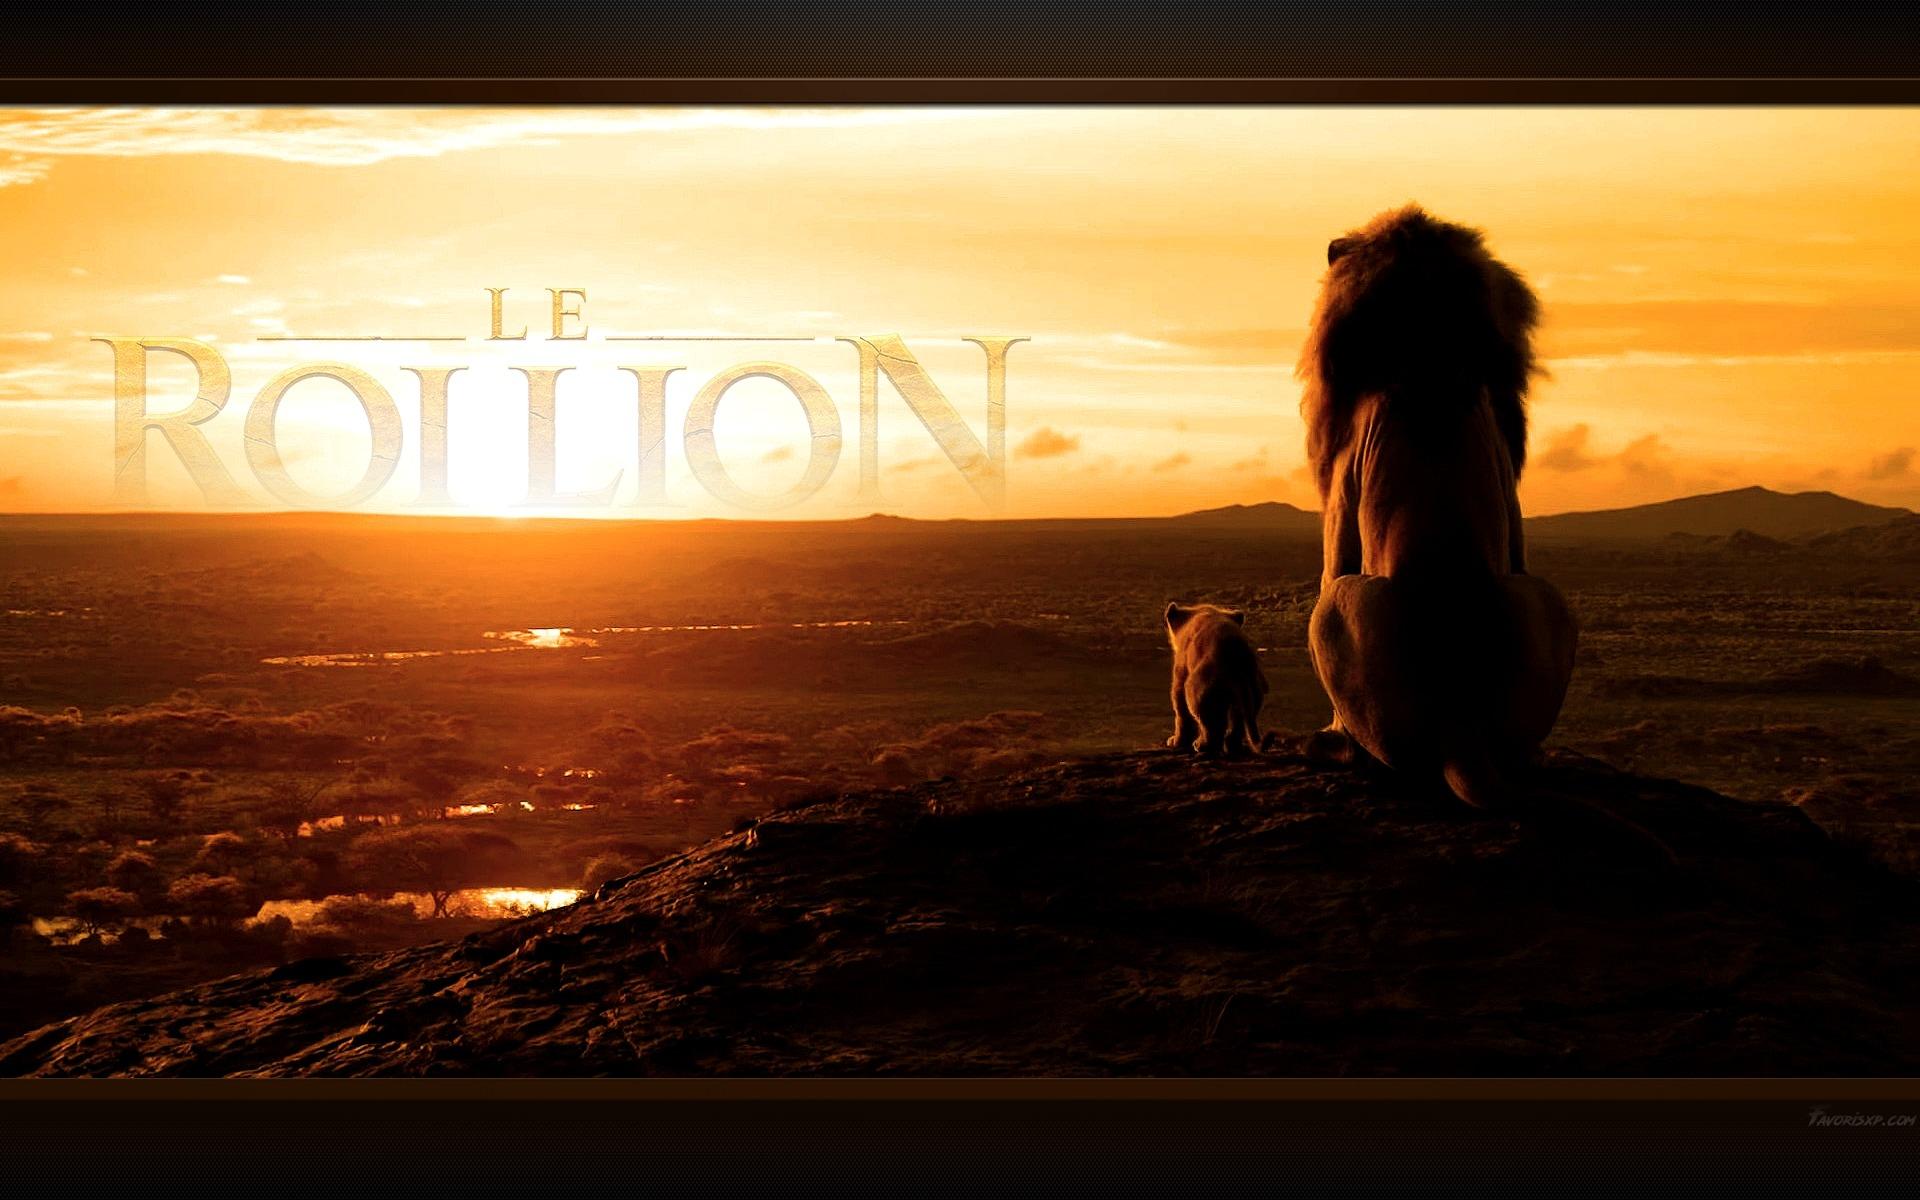 Lion Fond Ecran Designcivique